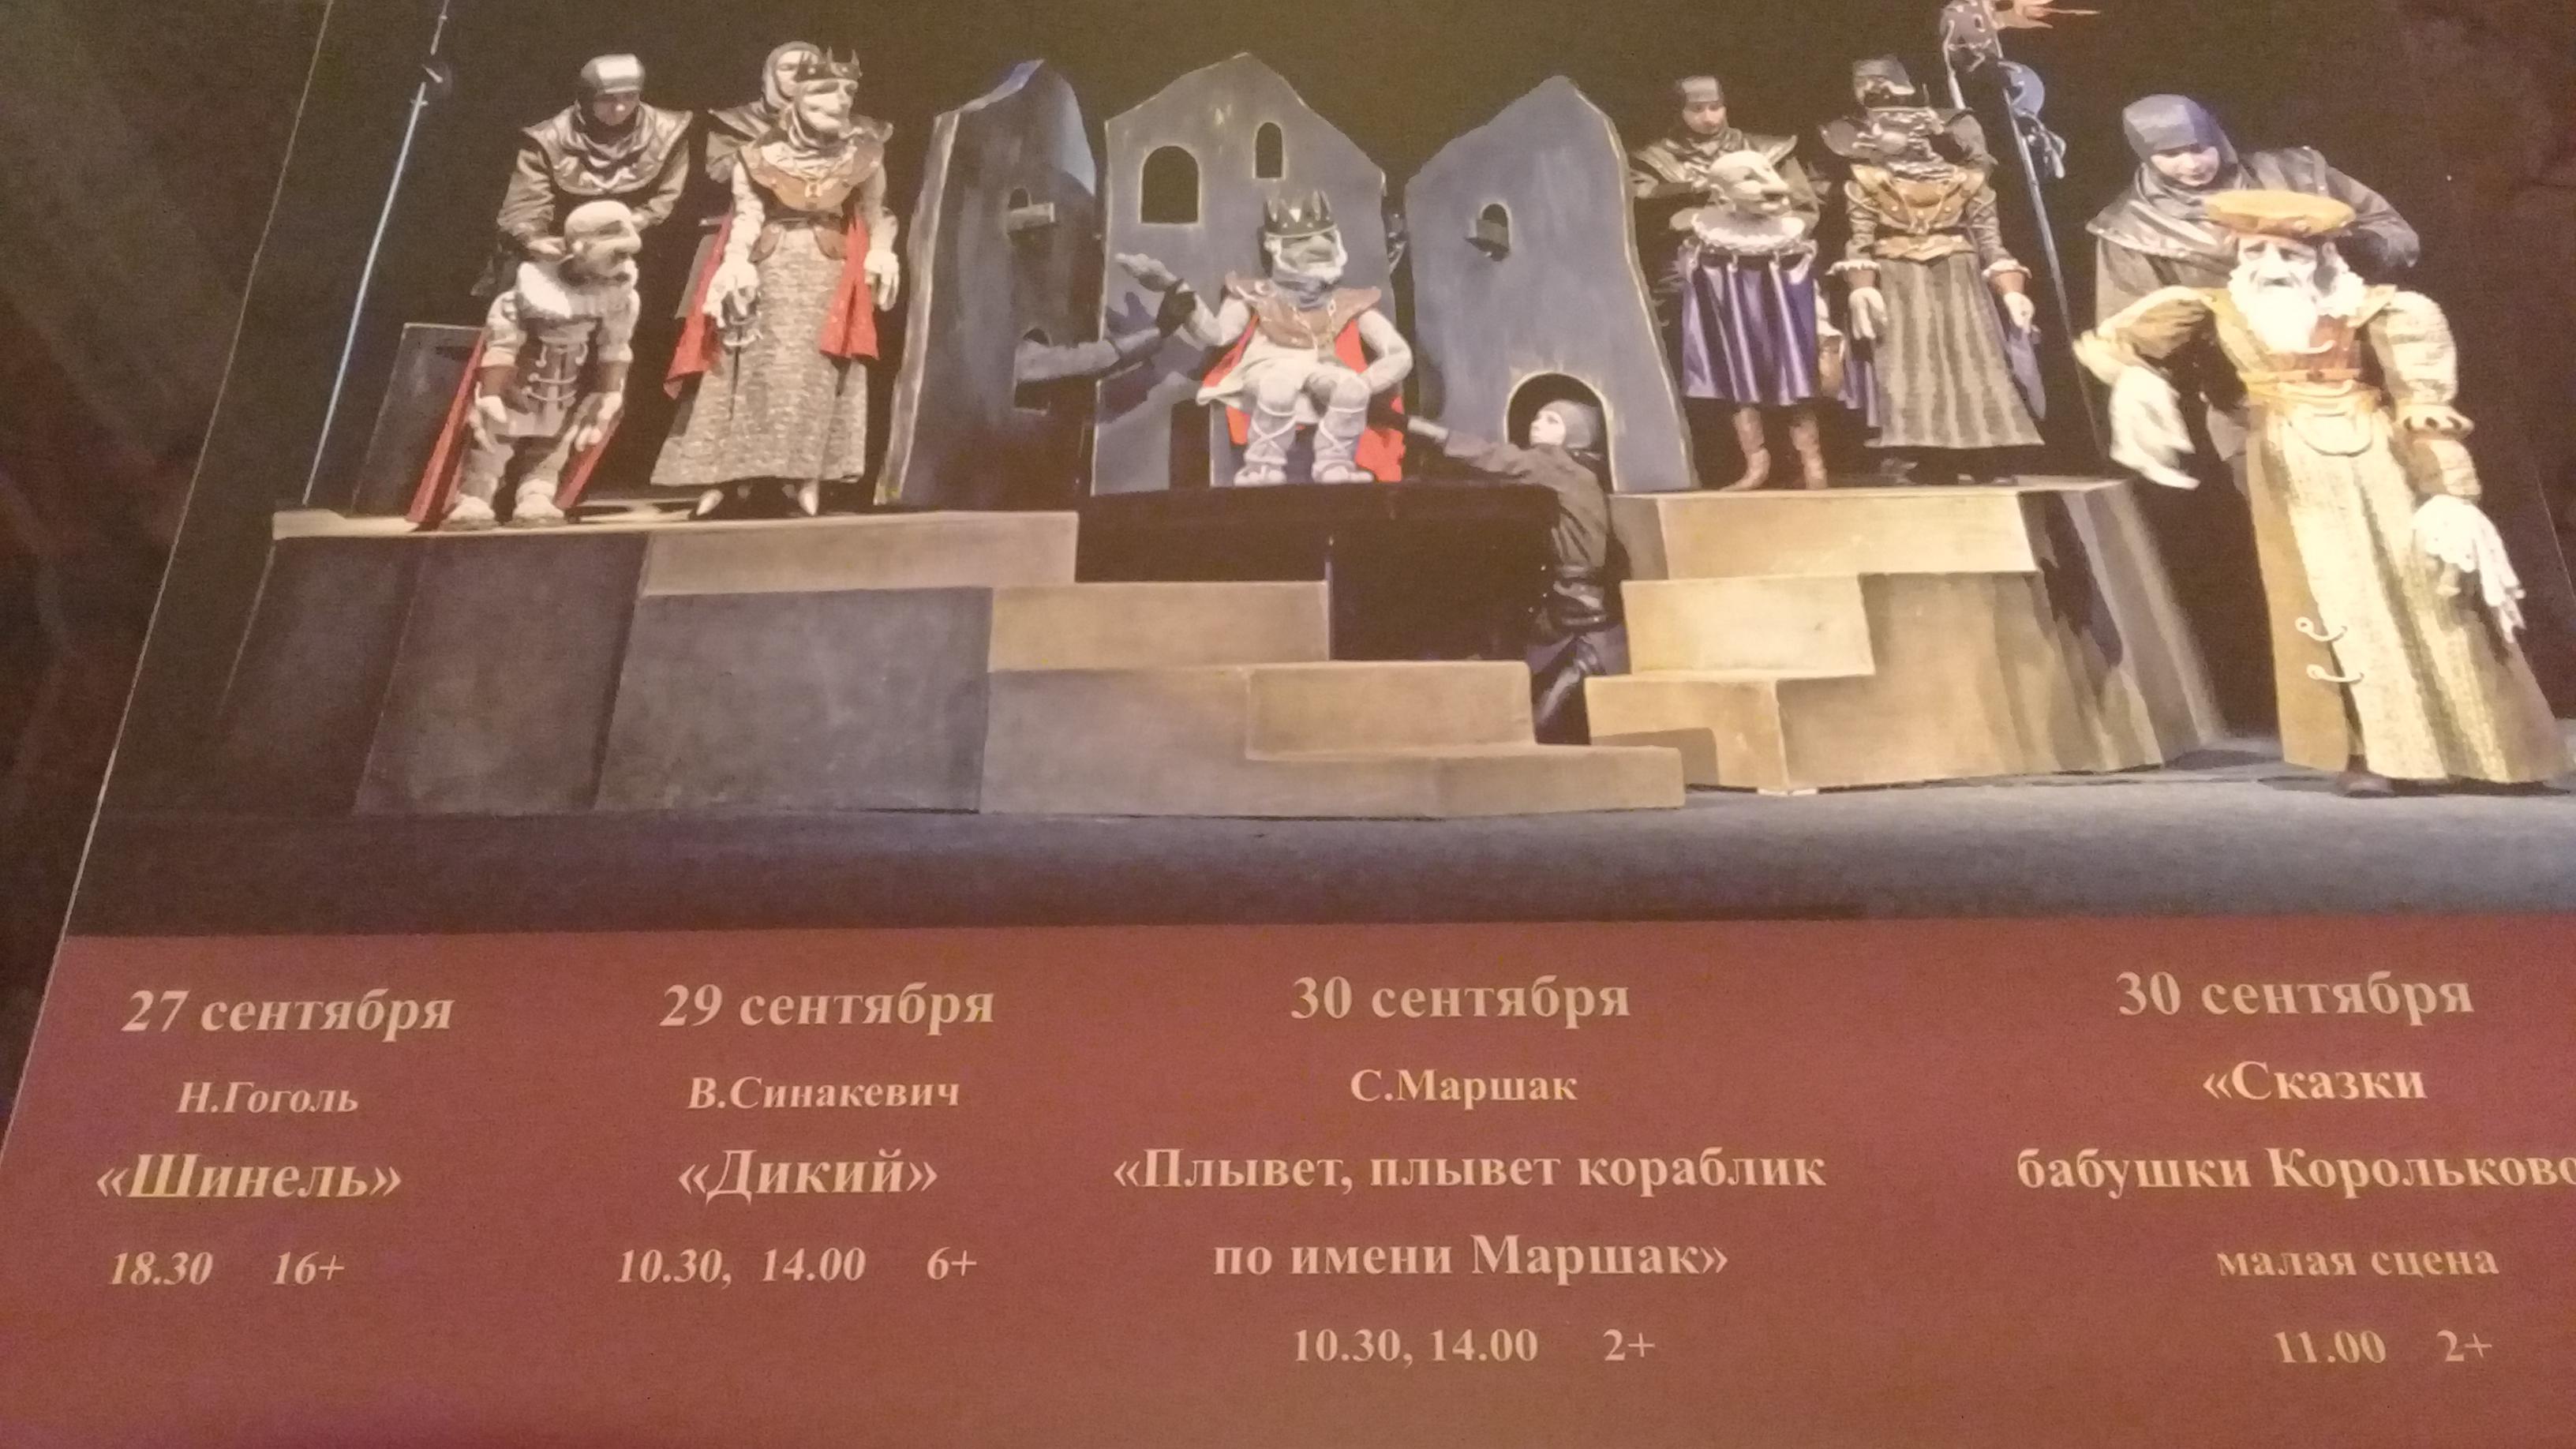 Сколько стоят билеты в театр в нижнем новгороде